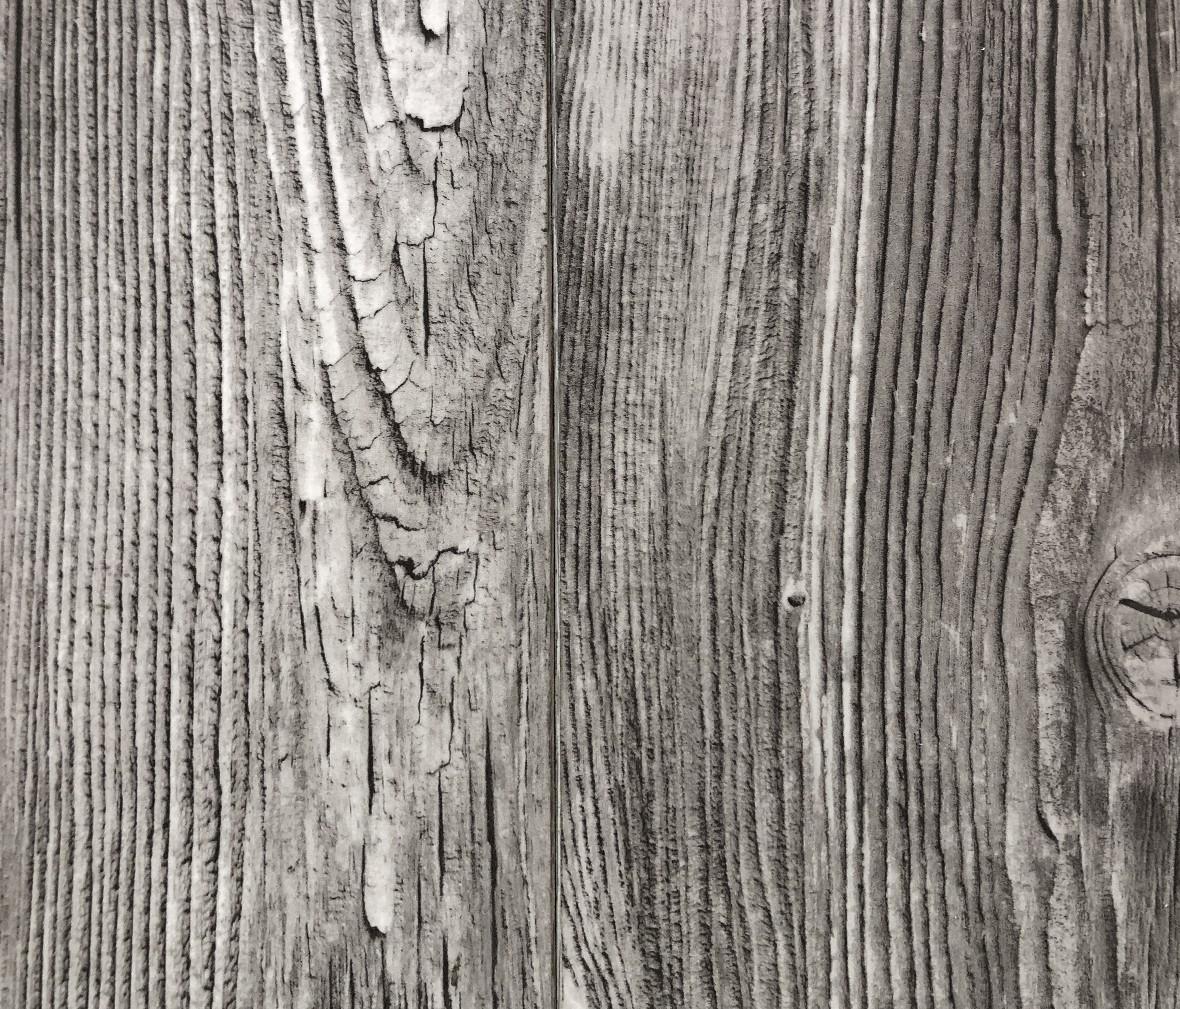 金钢鹦鹉地板 帝国系列62000115进口强化地板 高密度板材质客卧地板图片、价格、品牌、评测样样齐全!【蓝景商城正品行货,蓝景丽家大钟寺家居广场提货,北京地区配送,领券更优惠,线上线下同品同价,立即购买享受更多优惠哦!】